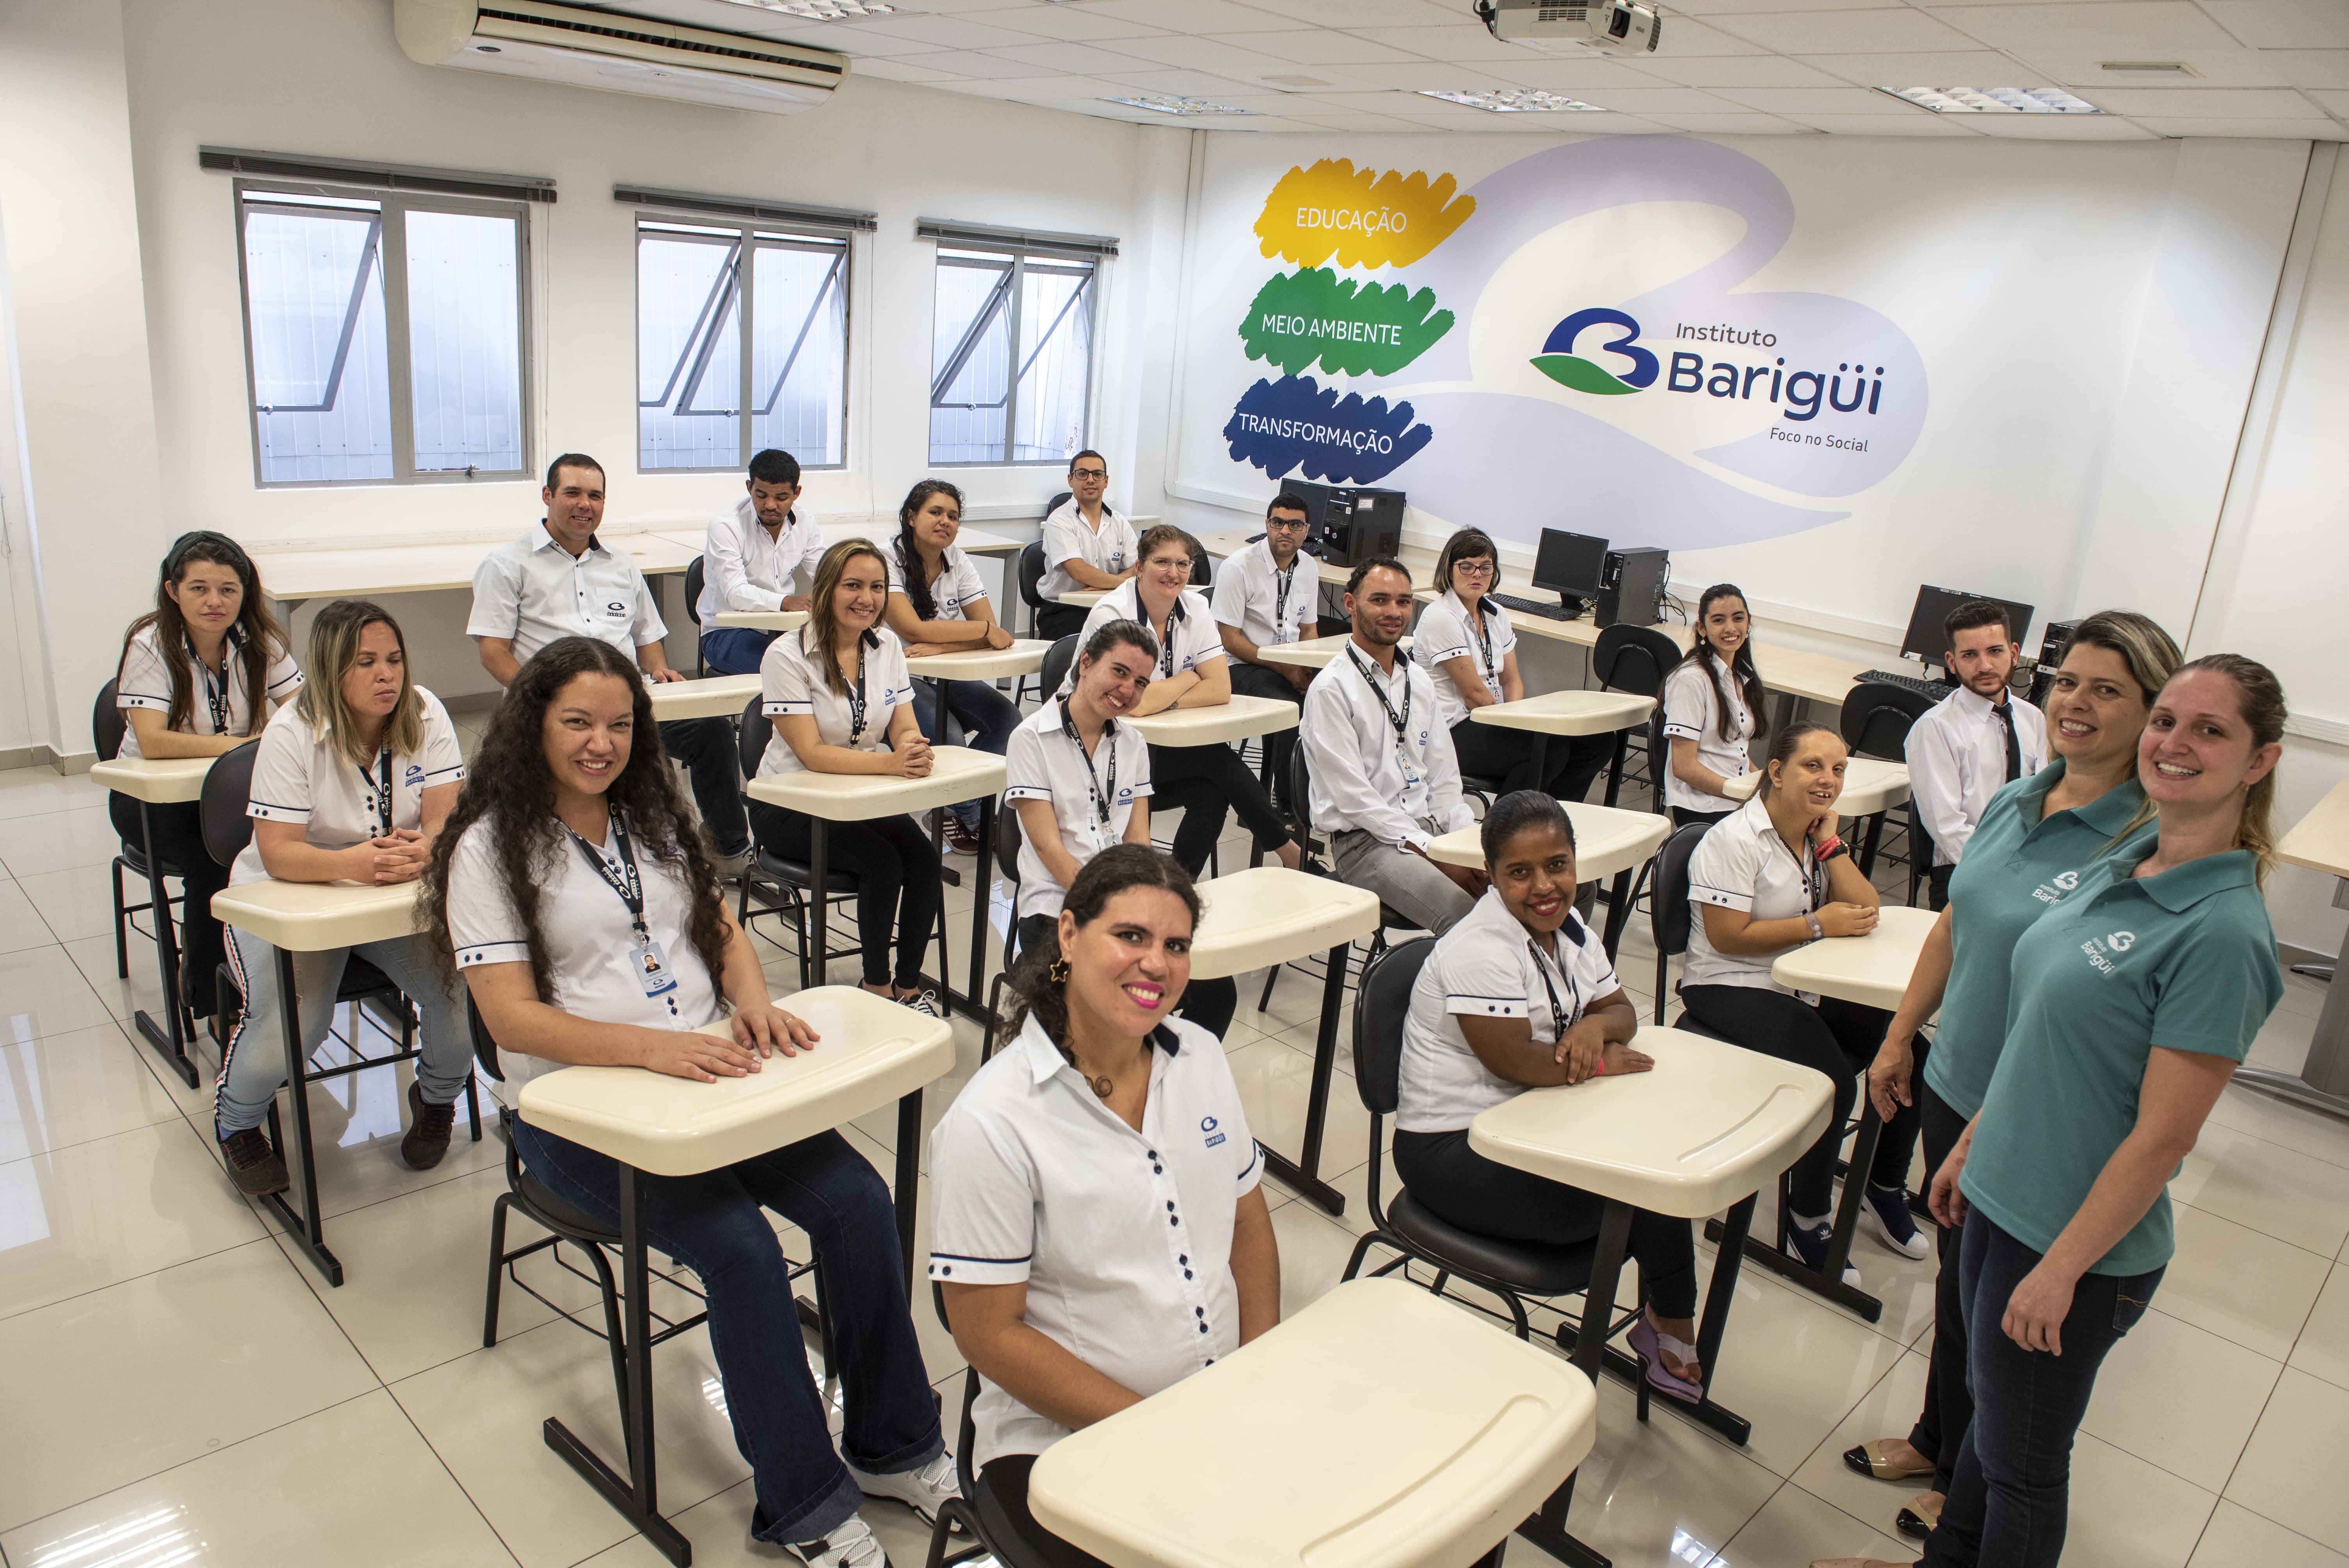 Educação Profissional | Instituto Barigui